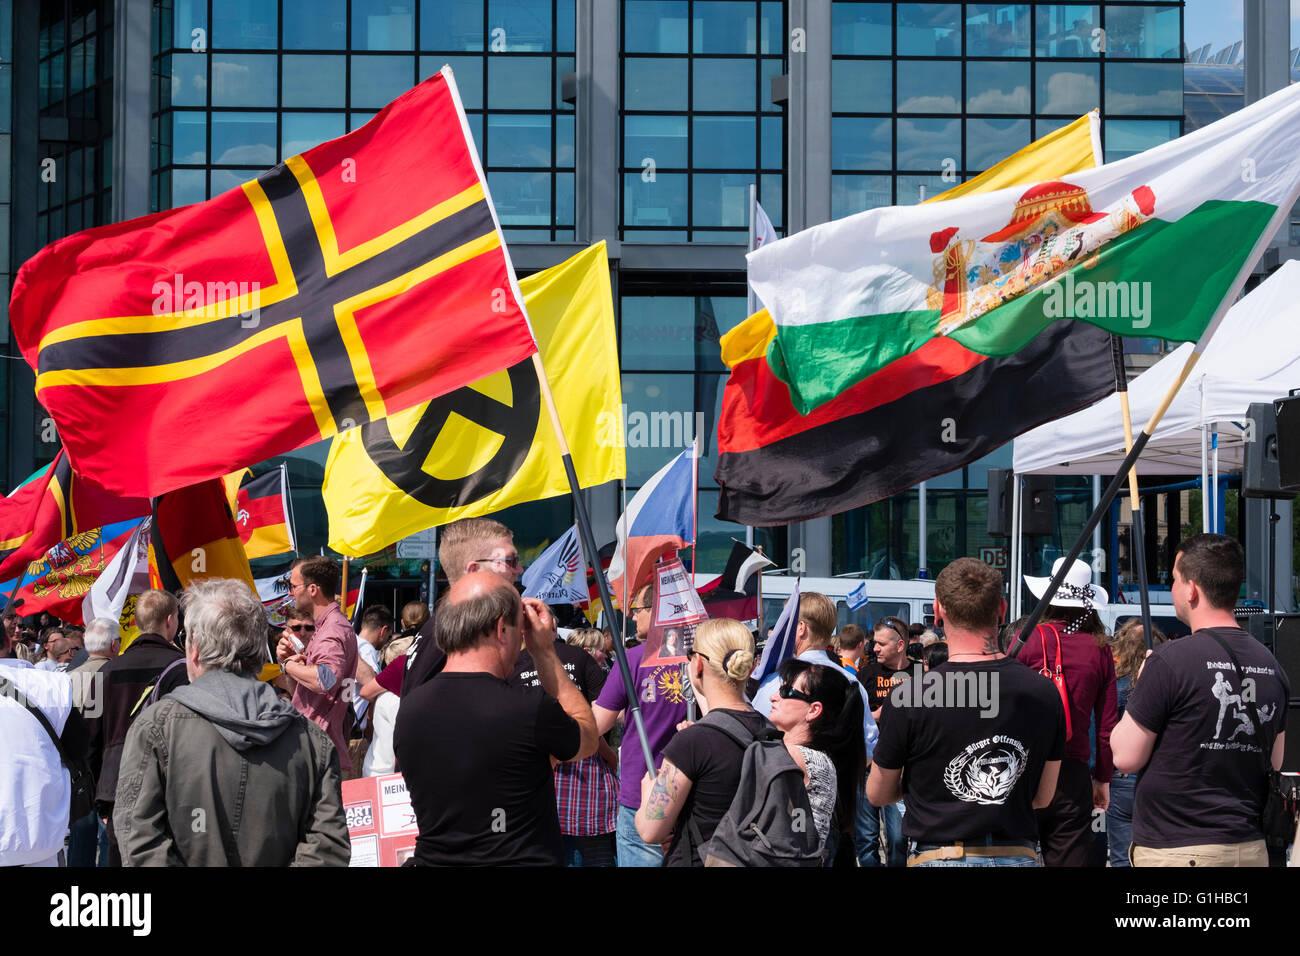 Di estrema destra dimostranti protestano contro l'Islam, rifugiati e Angela Merkel a Berlino Foto Stock